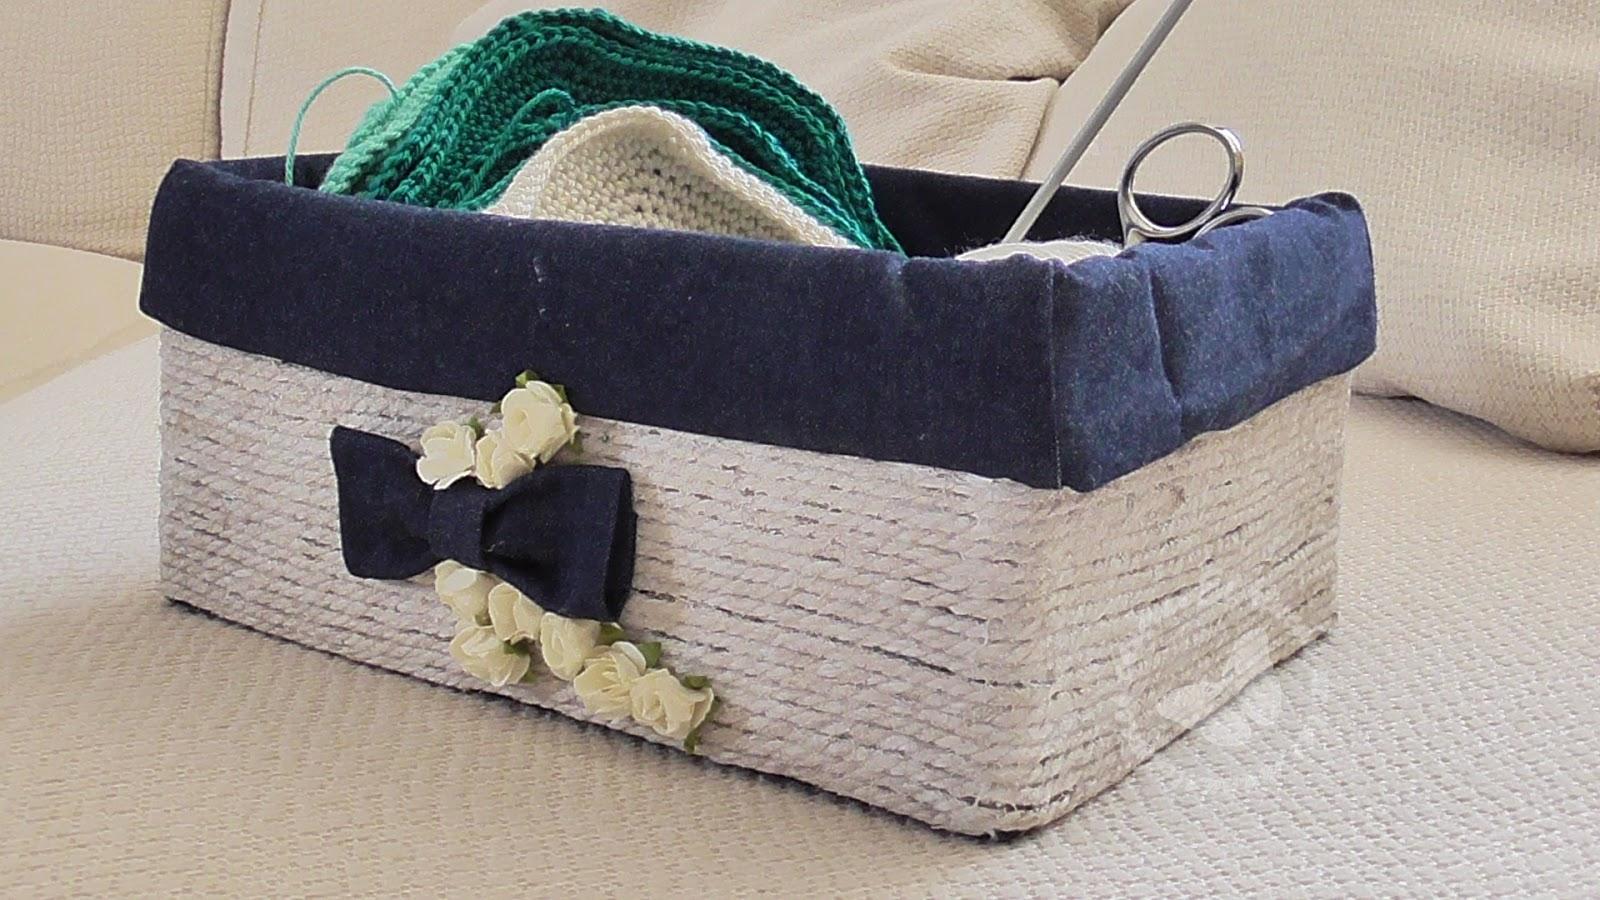 El rincn de las manualidades caseras Cmo decorar una caja de